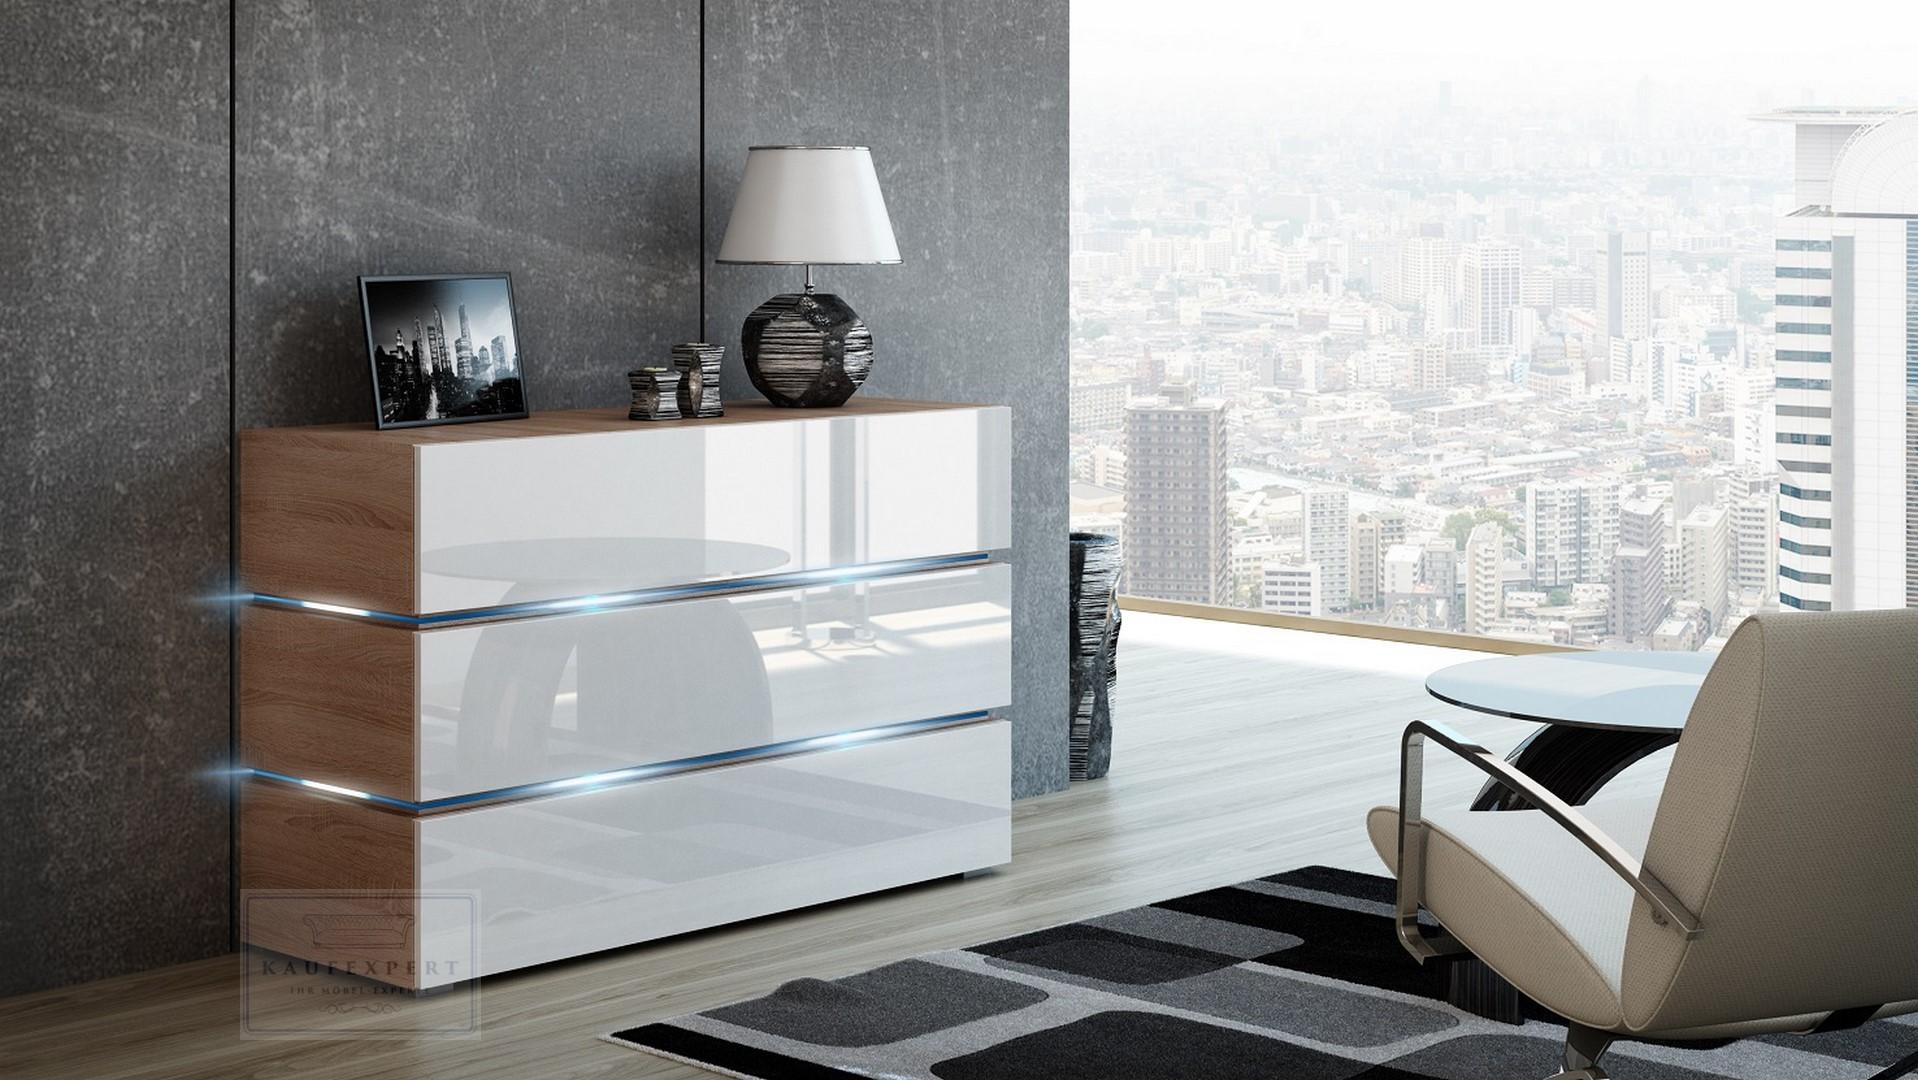 kaufexpert wohnwand dream wei hochglanz sonoma eiche matt 332 cm mediawand medienwand design. Black Bedroom Furniture Sets. Home Design Ideas